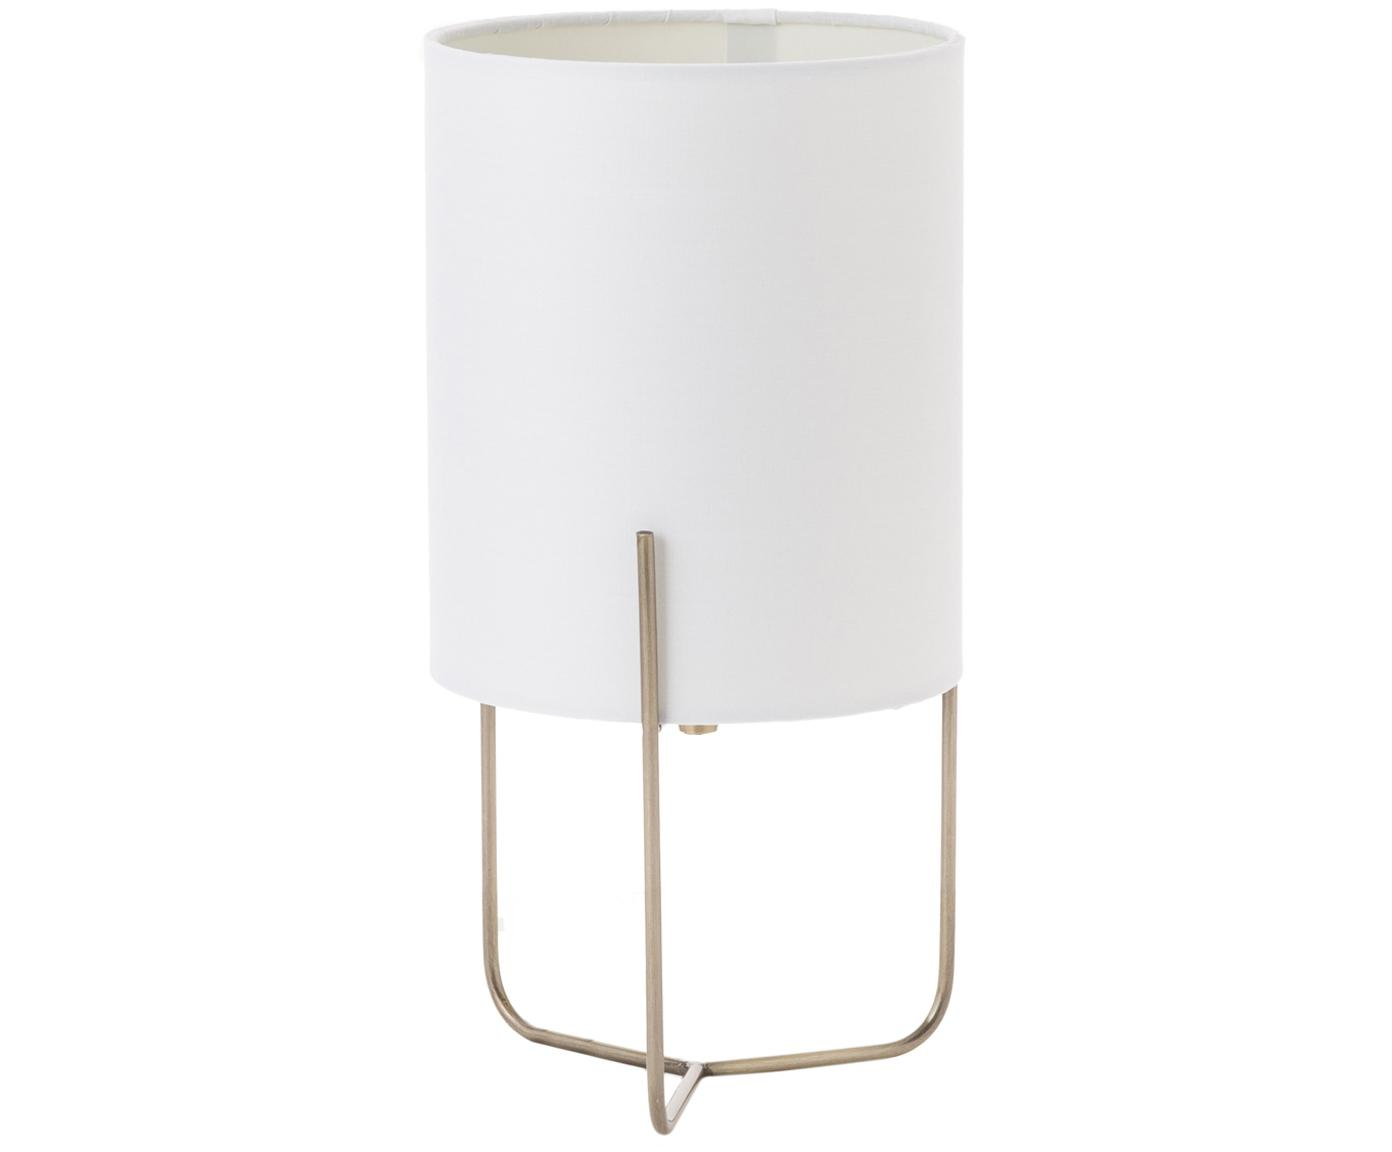 Kleine Tischleuchte Odin, Lampenfuß: Messing, Lampenschirm: Polyester, Weiß, Goldfarben, Ø 15 x H 30 cm